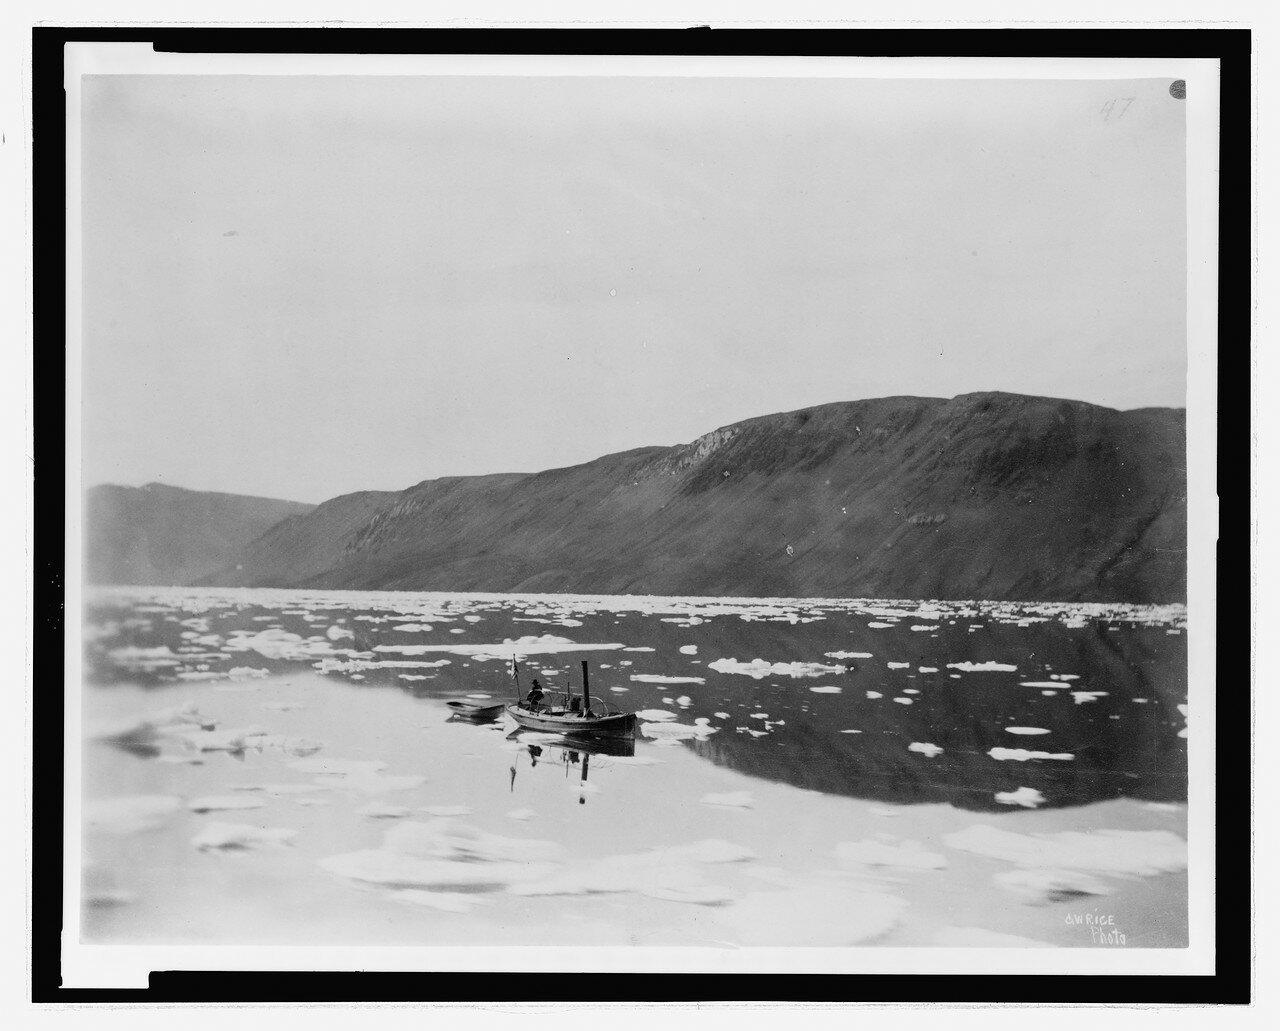 Запуск «Леди Грили» в гавани Дискавери, 18 августа 1882 года.jpg